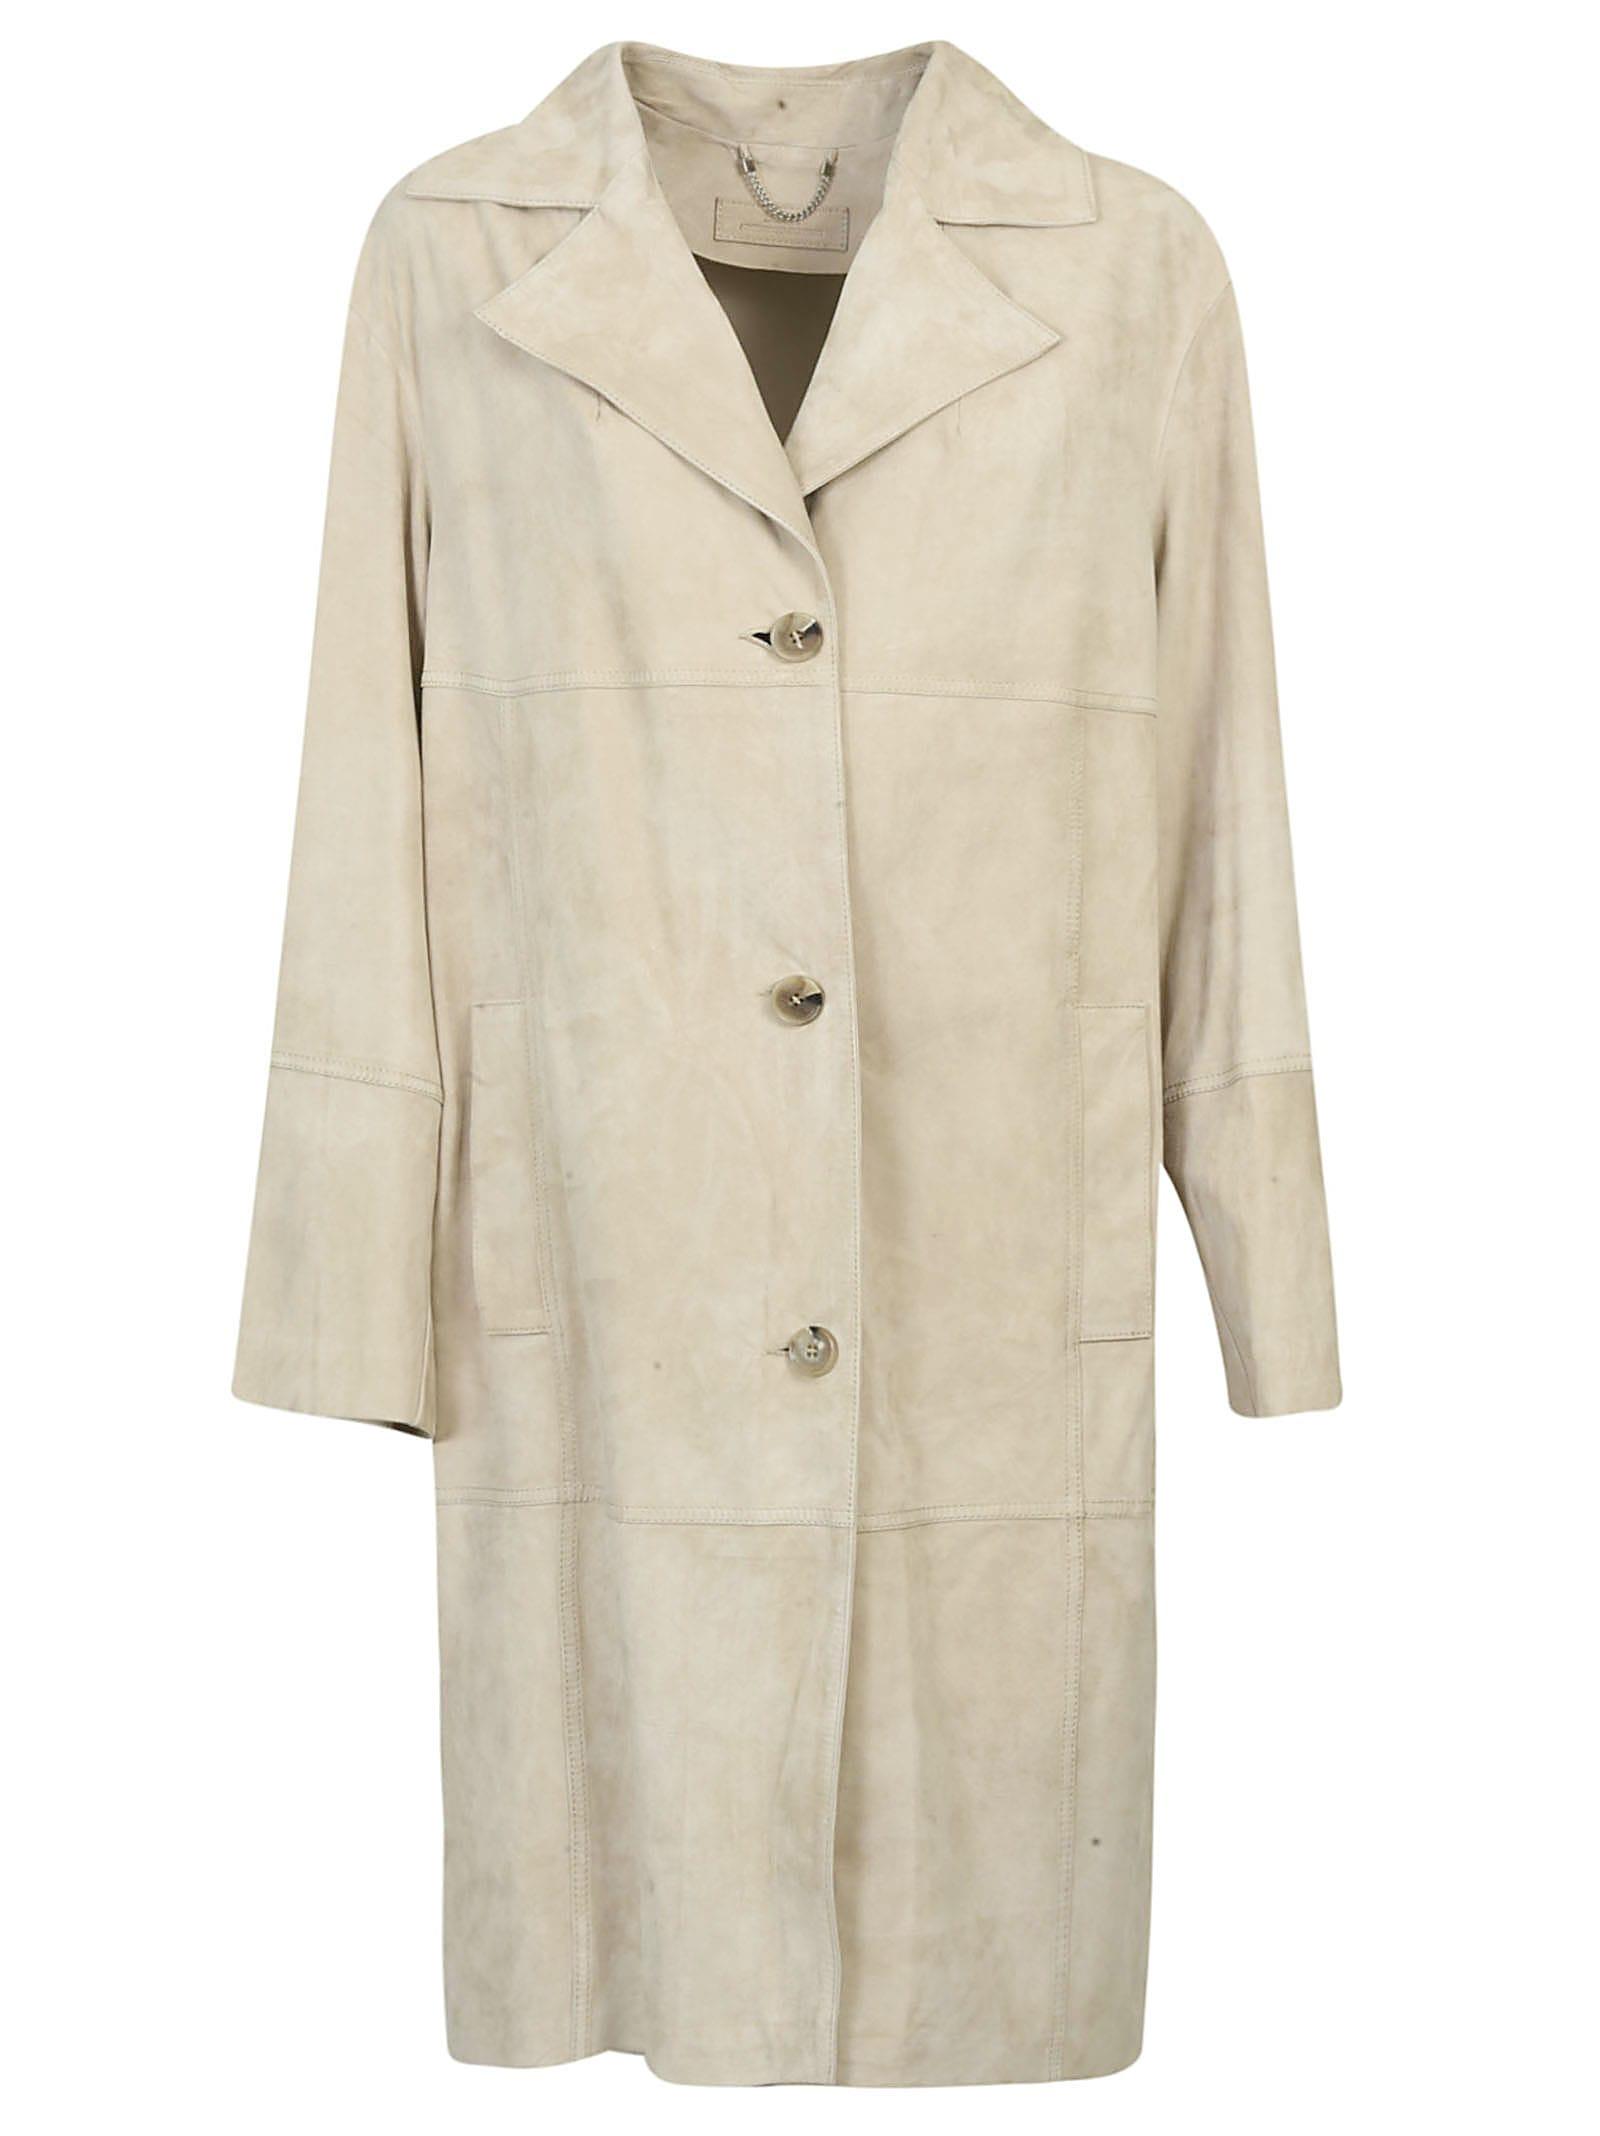 1972 Oversized Coat